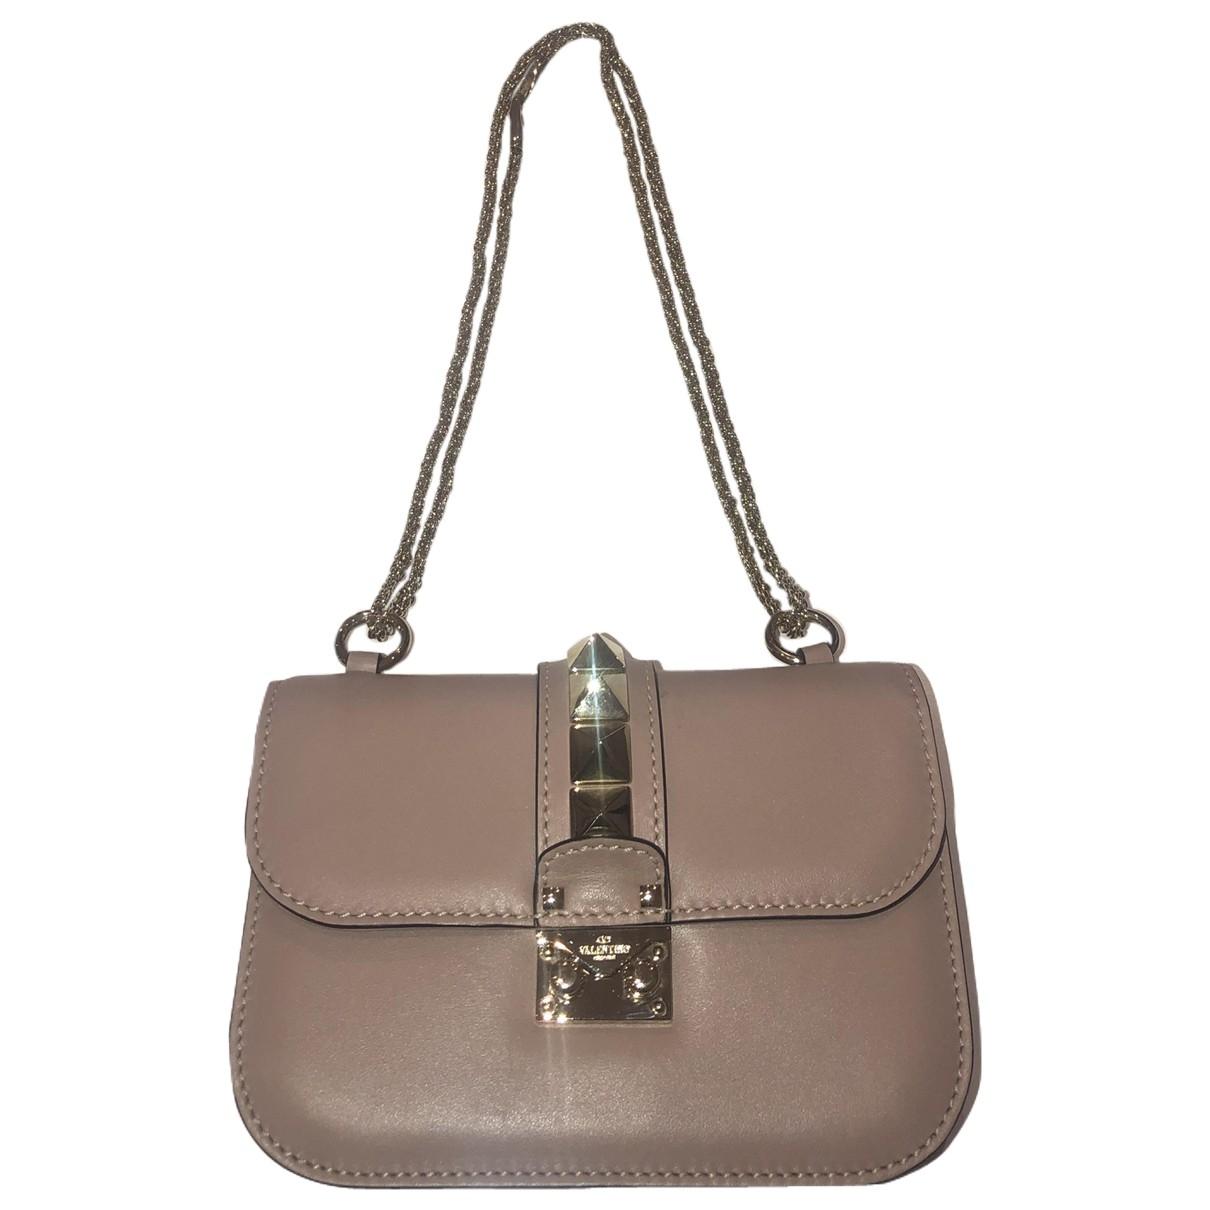 Valentino Garavani Glam Lock Handtasche in  Beige Leder